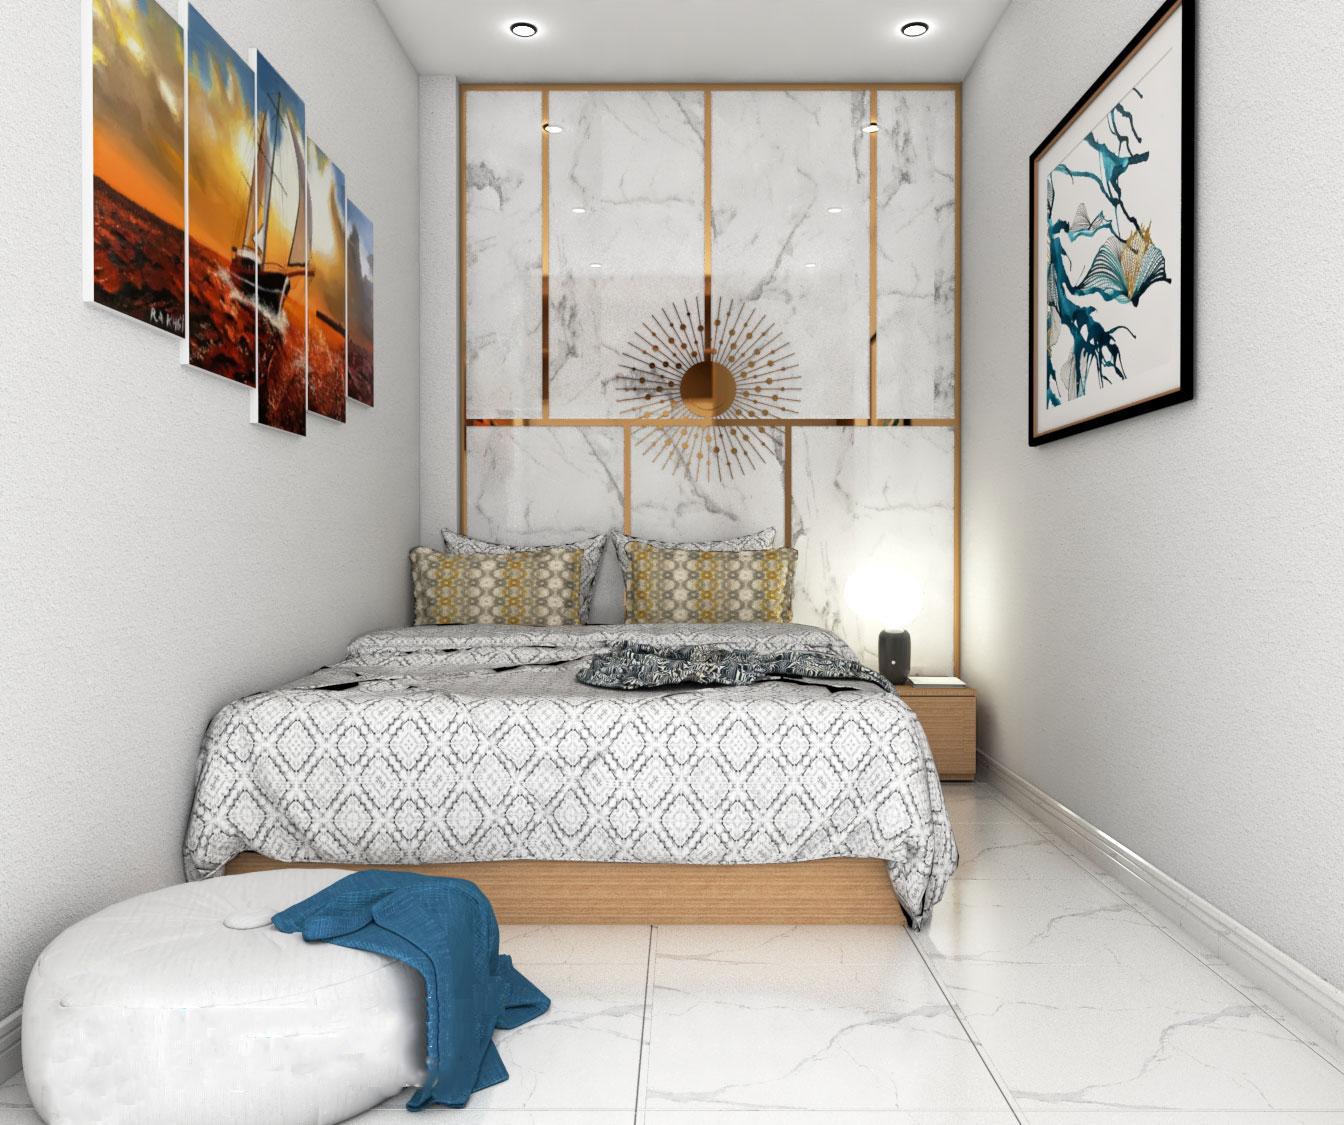 Phối cảnh thiết kế phòng ngủ diện tích nhỏ